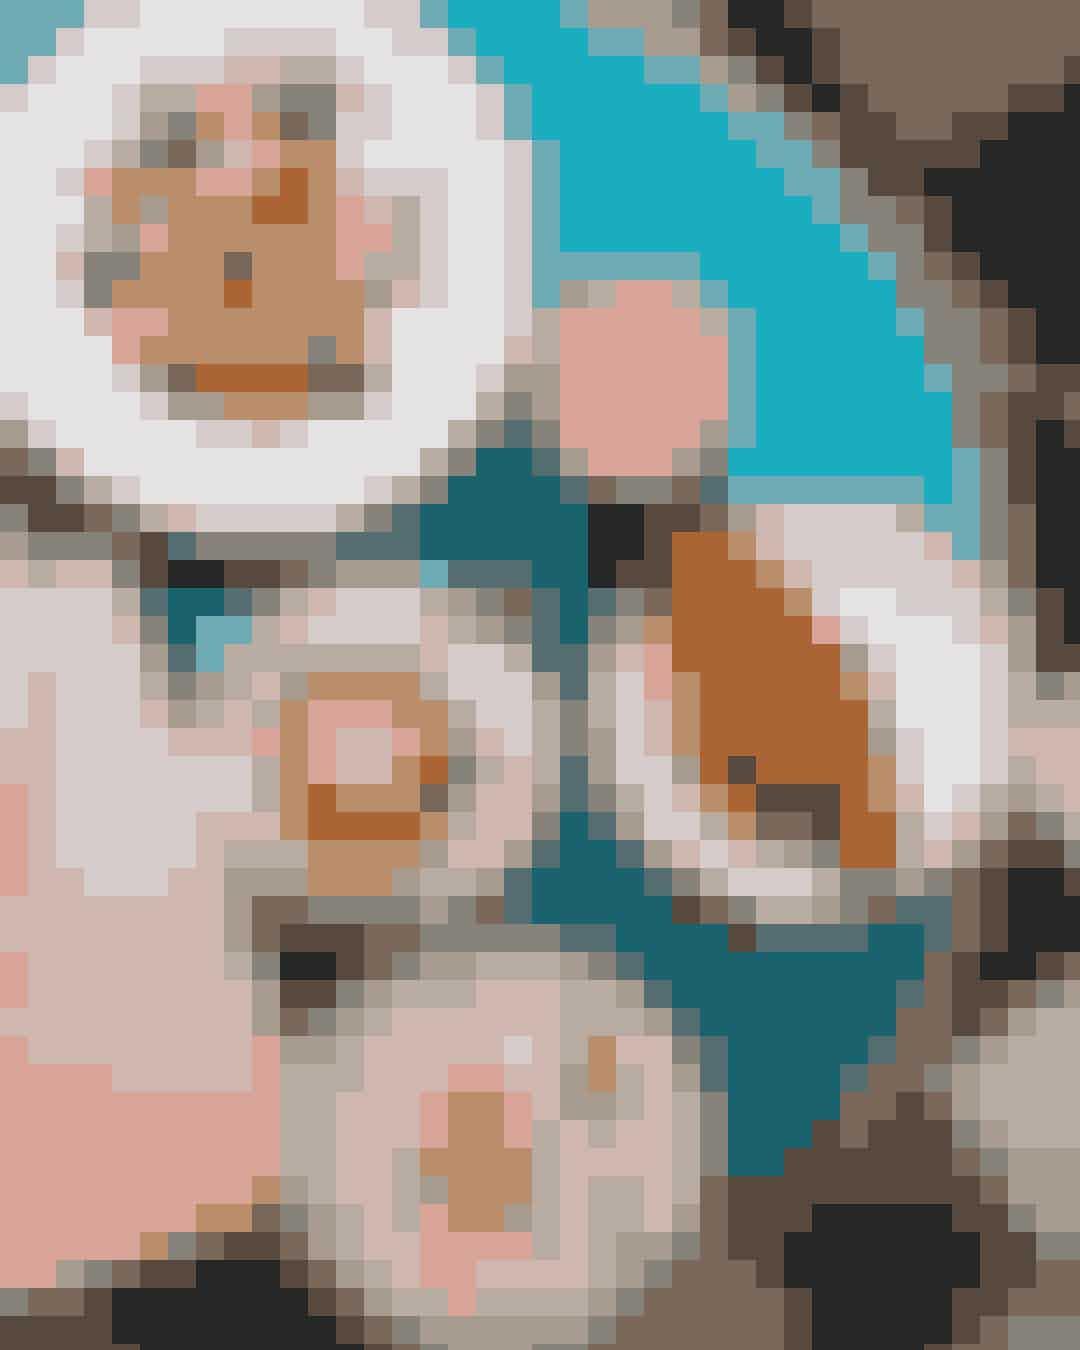 Le Trois CochonsDenne lille perle føles som et stykke med Paris. Med deres hyggelige borde på Værnedamsvejs fortov, til deres smukke, ternede gulve og deres ærkefranske menukort føles det, som sagt, som at besøge Paris. Der fristes bl.a. med østers, tarte flambee, rørt tatar, steak frites og alt det andet, der hører sig til på en ægte bistro. Er du en earlybird, nøjagtigt som franskmændene, så nyd en espresso og sprød croissant.Hvor: Værnedamsvej 10, 1619 København V.